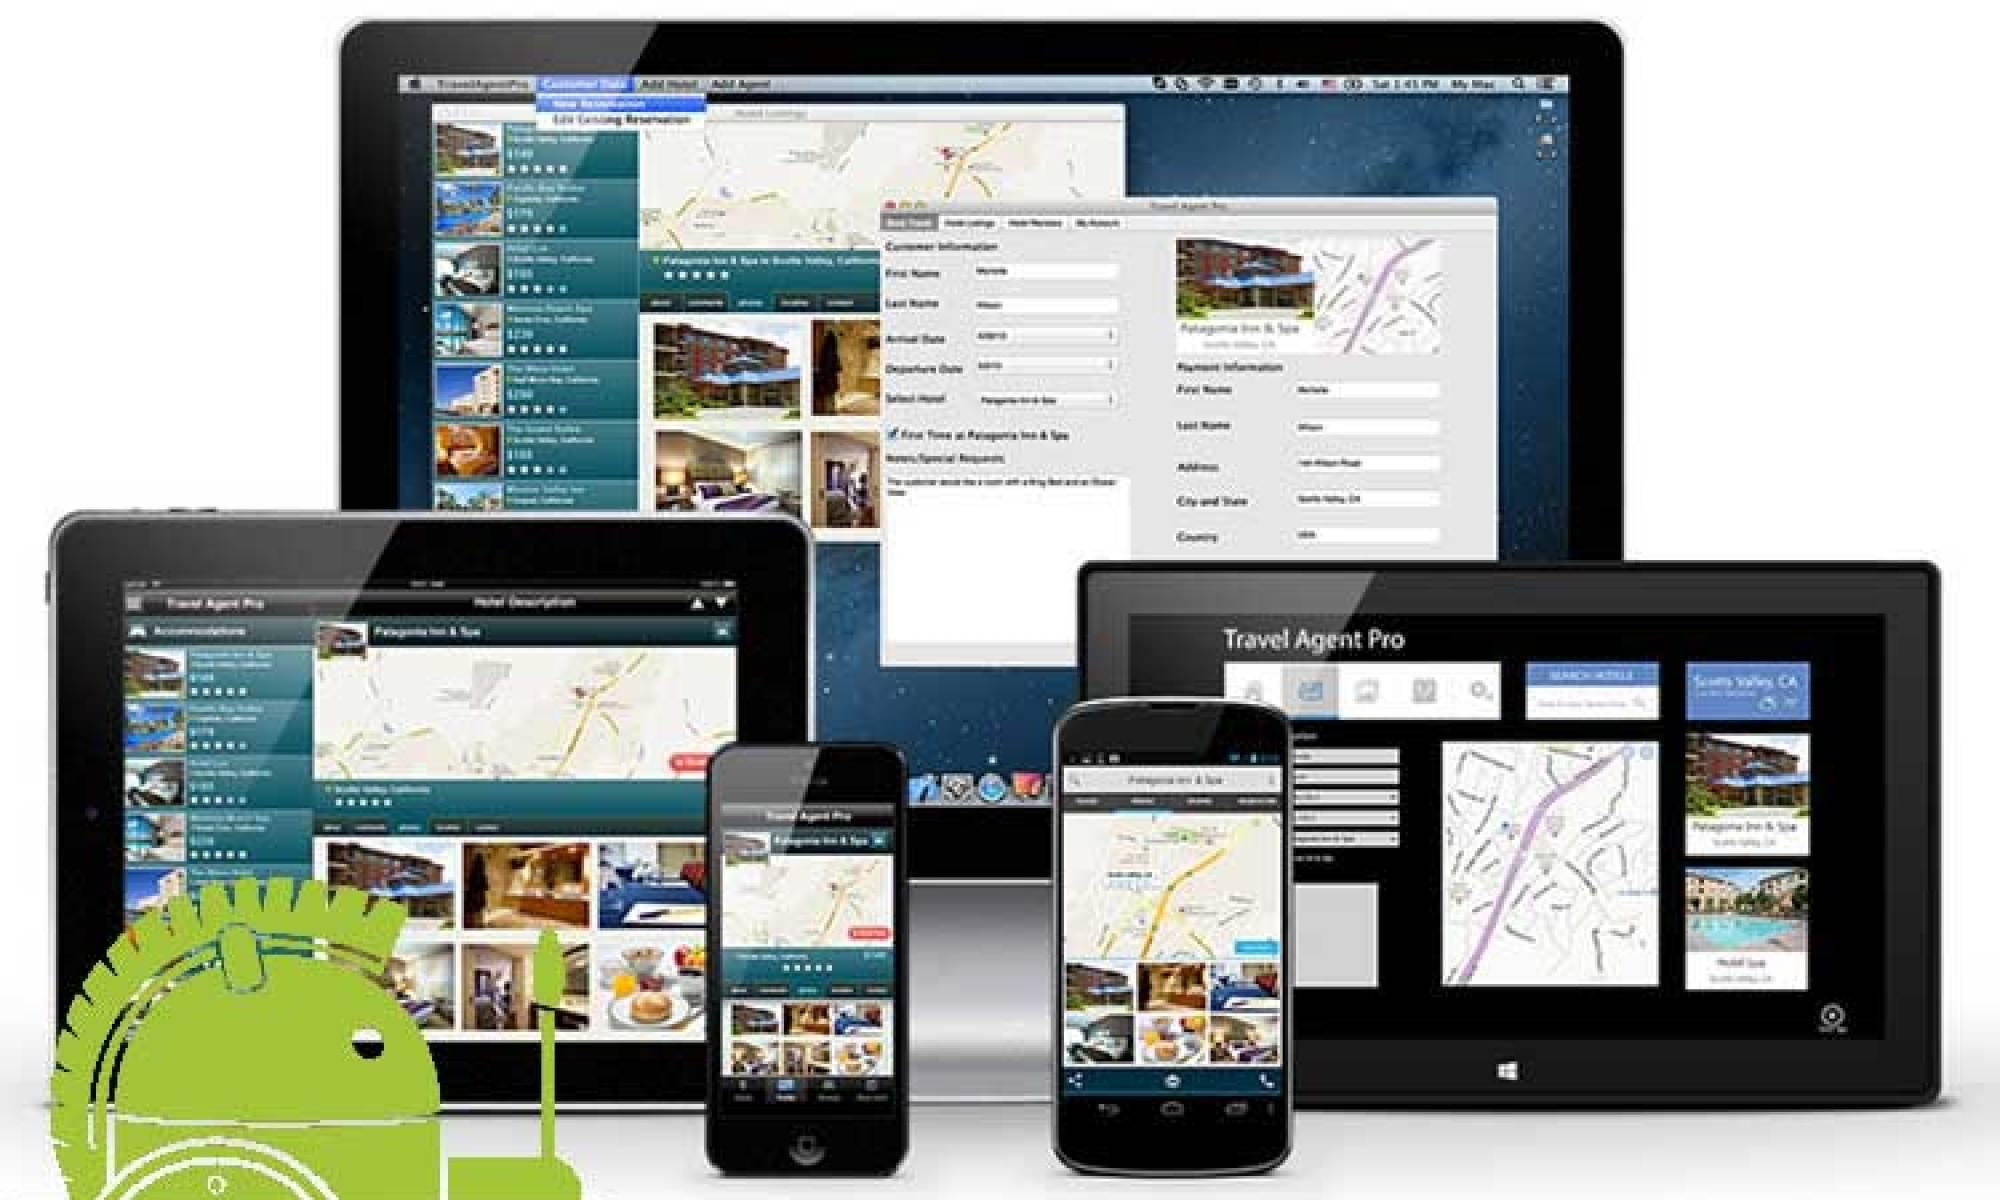 Dispositivos Androids e Delphi